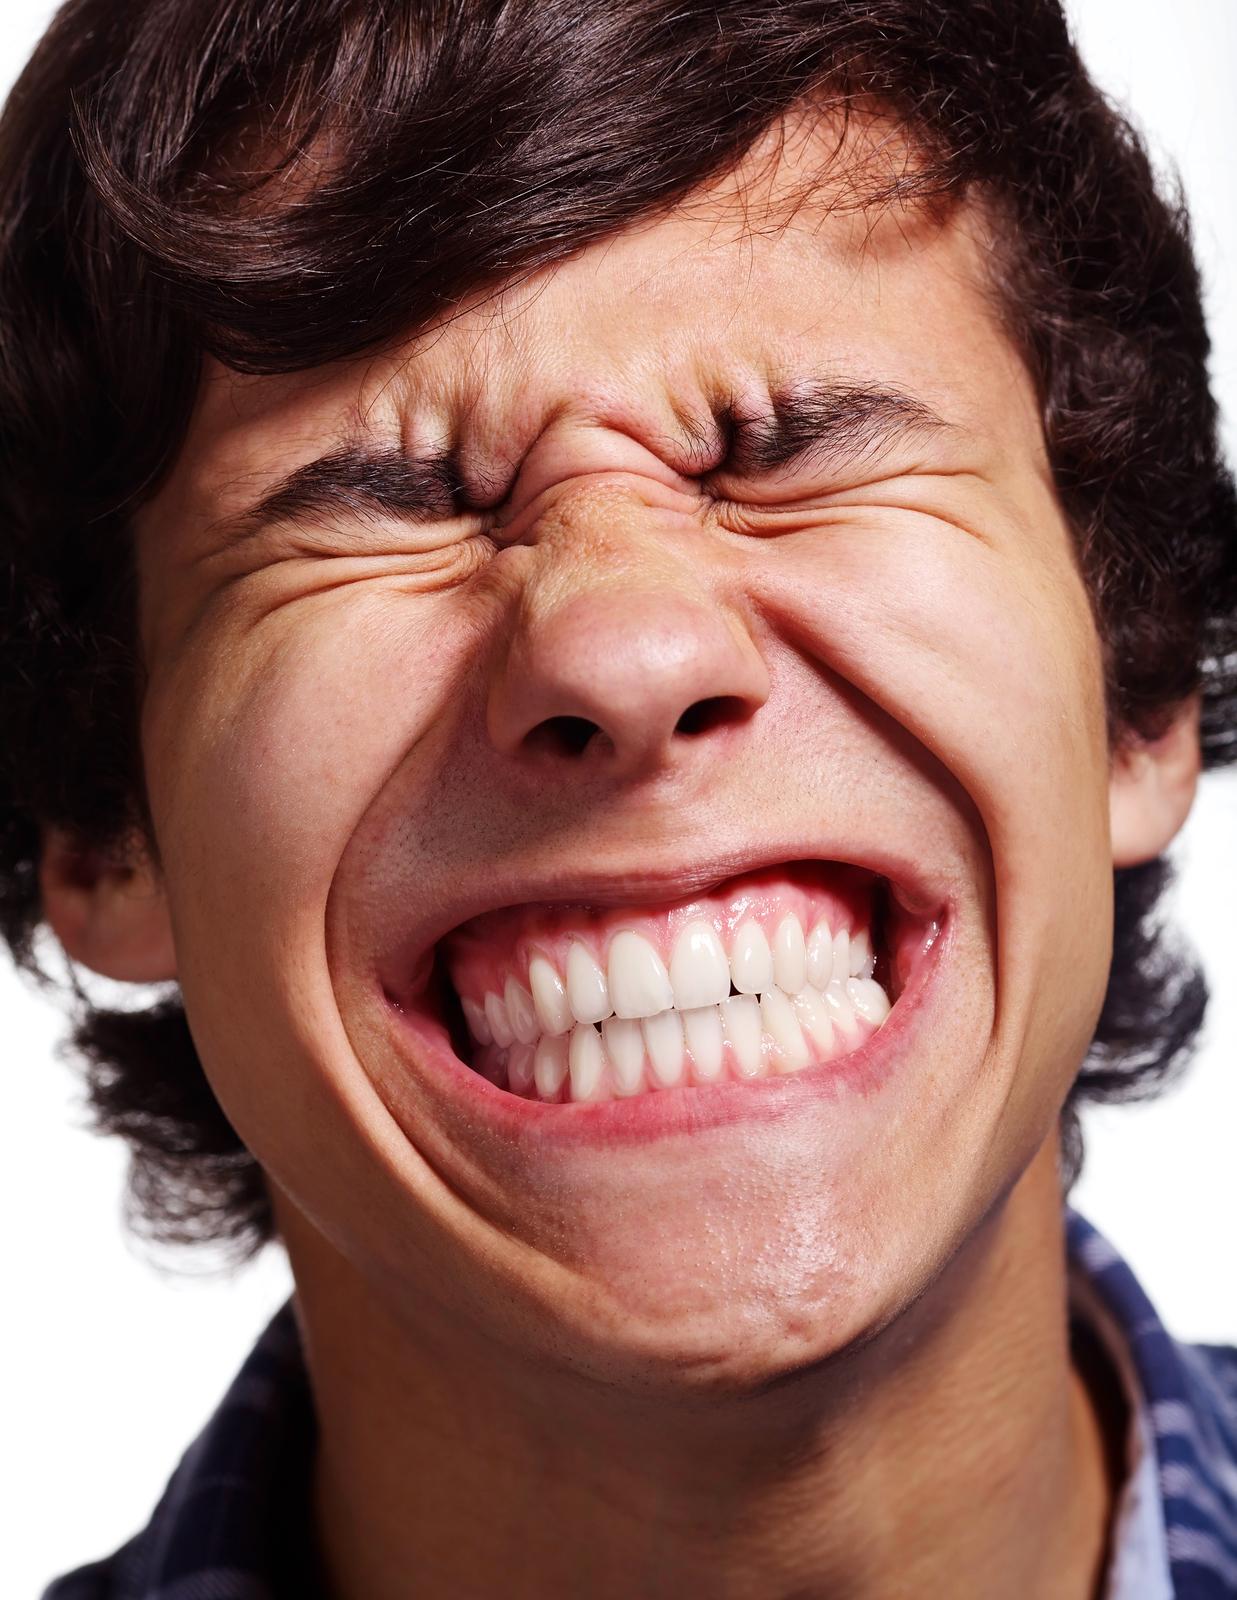 bigstock Face full of pain 51688675